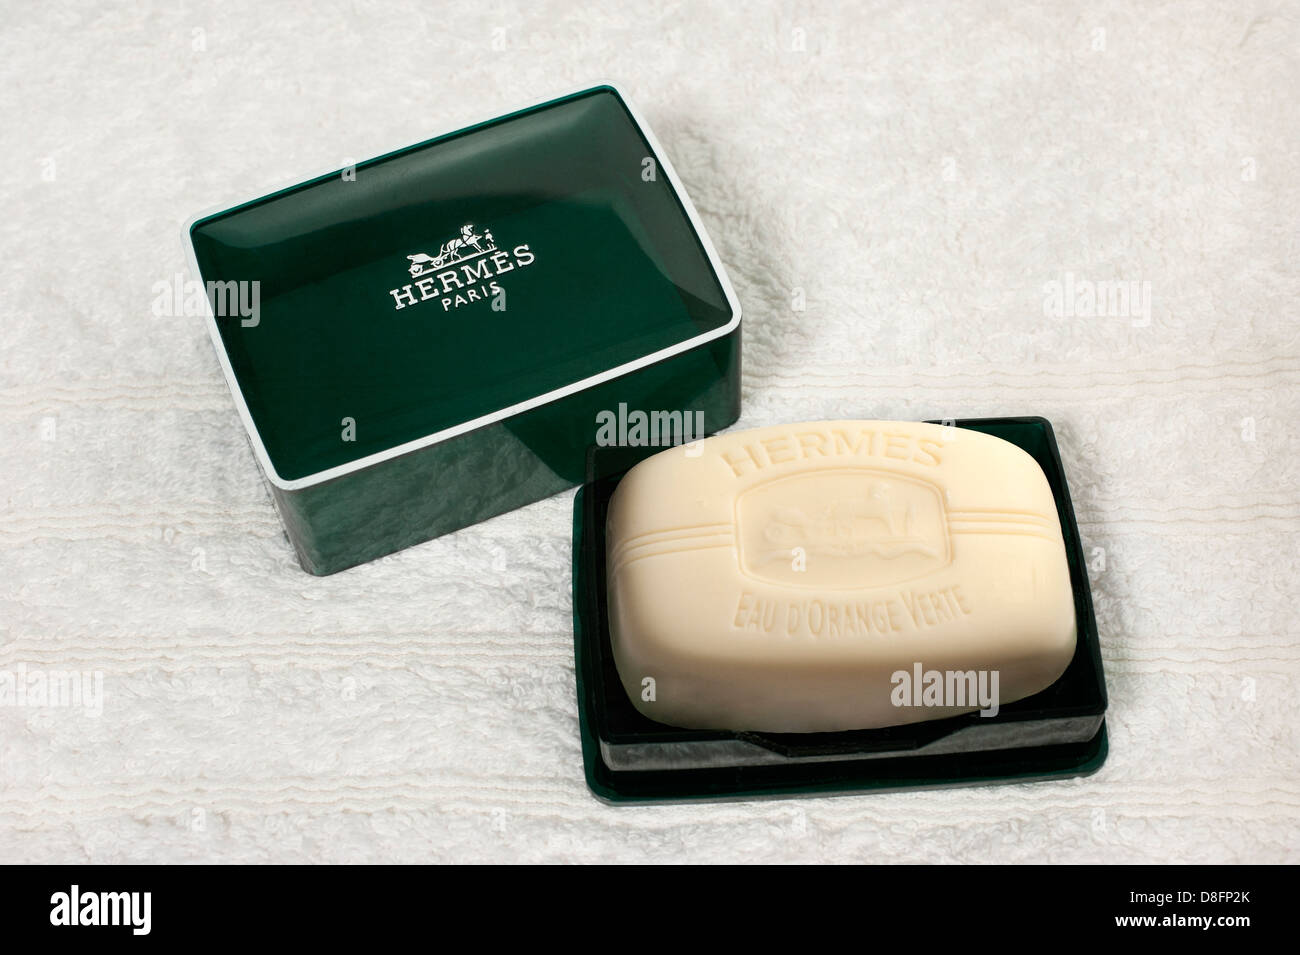 Bar de lujo de jabones perfumados por Hermes sobre una toalla blanca Foto de stock